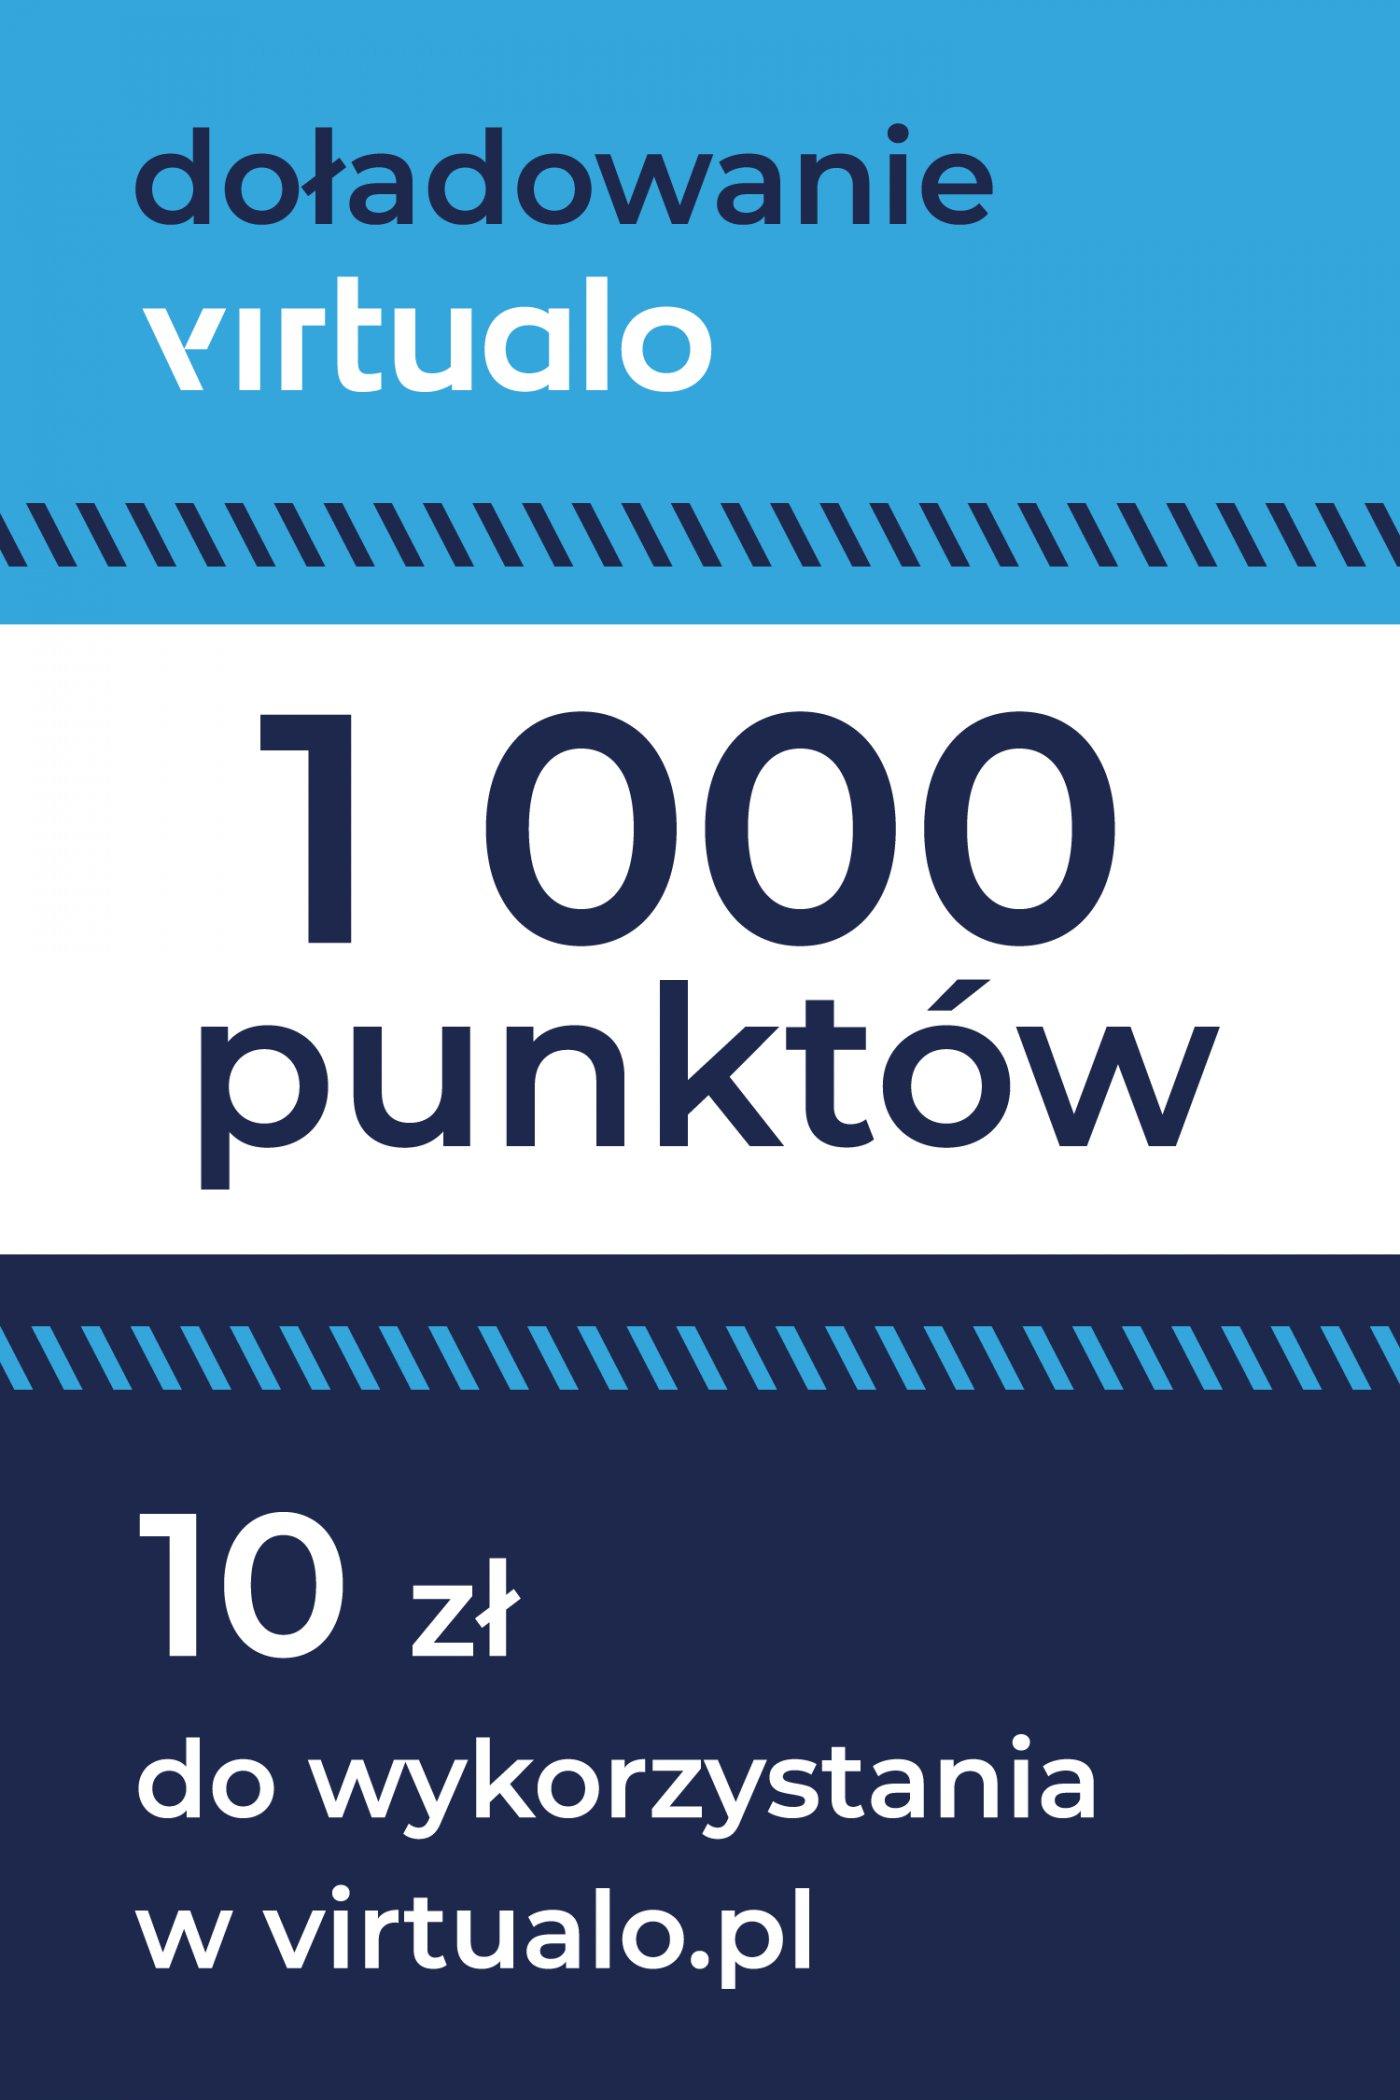 Doładowanie punktów Virtualo - 1000 punktów -